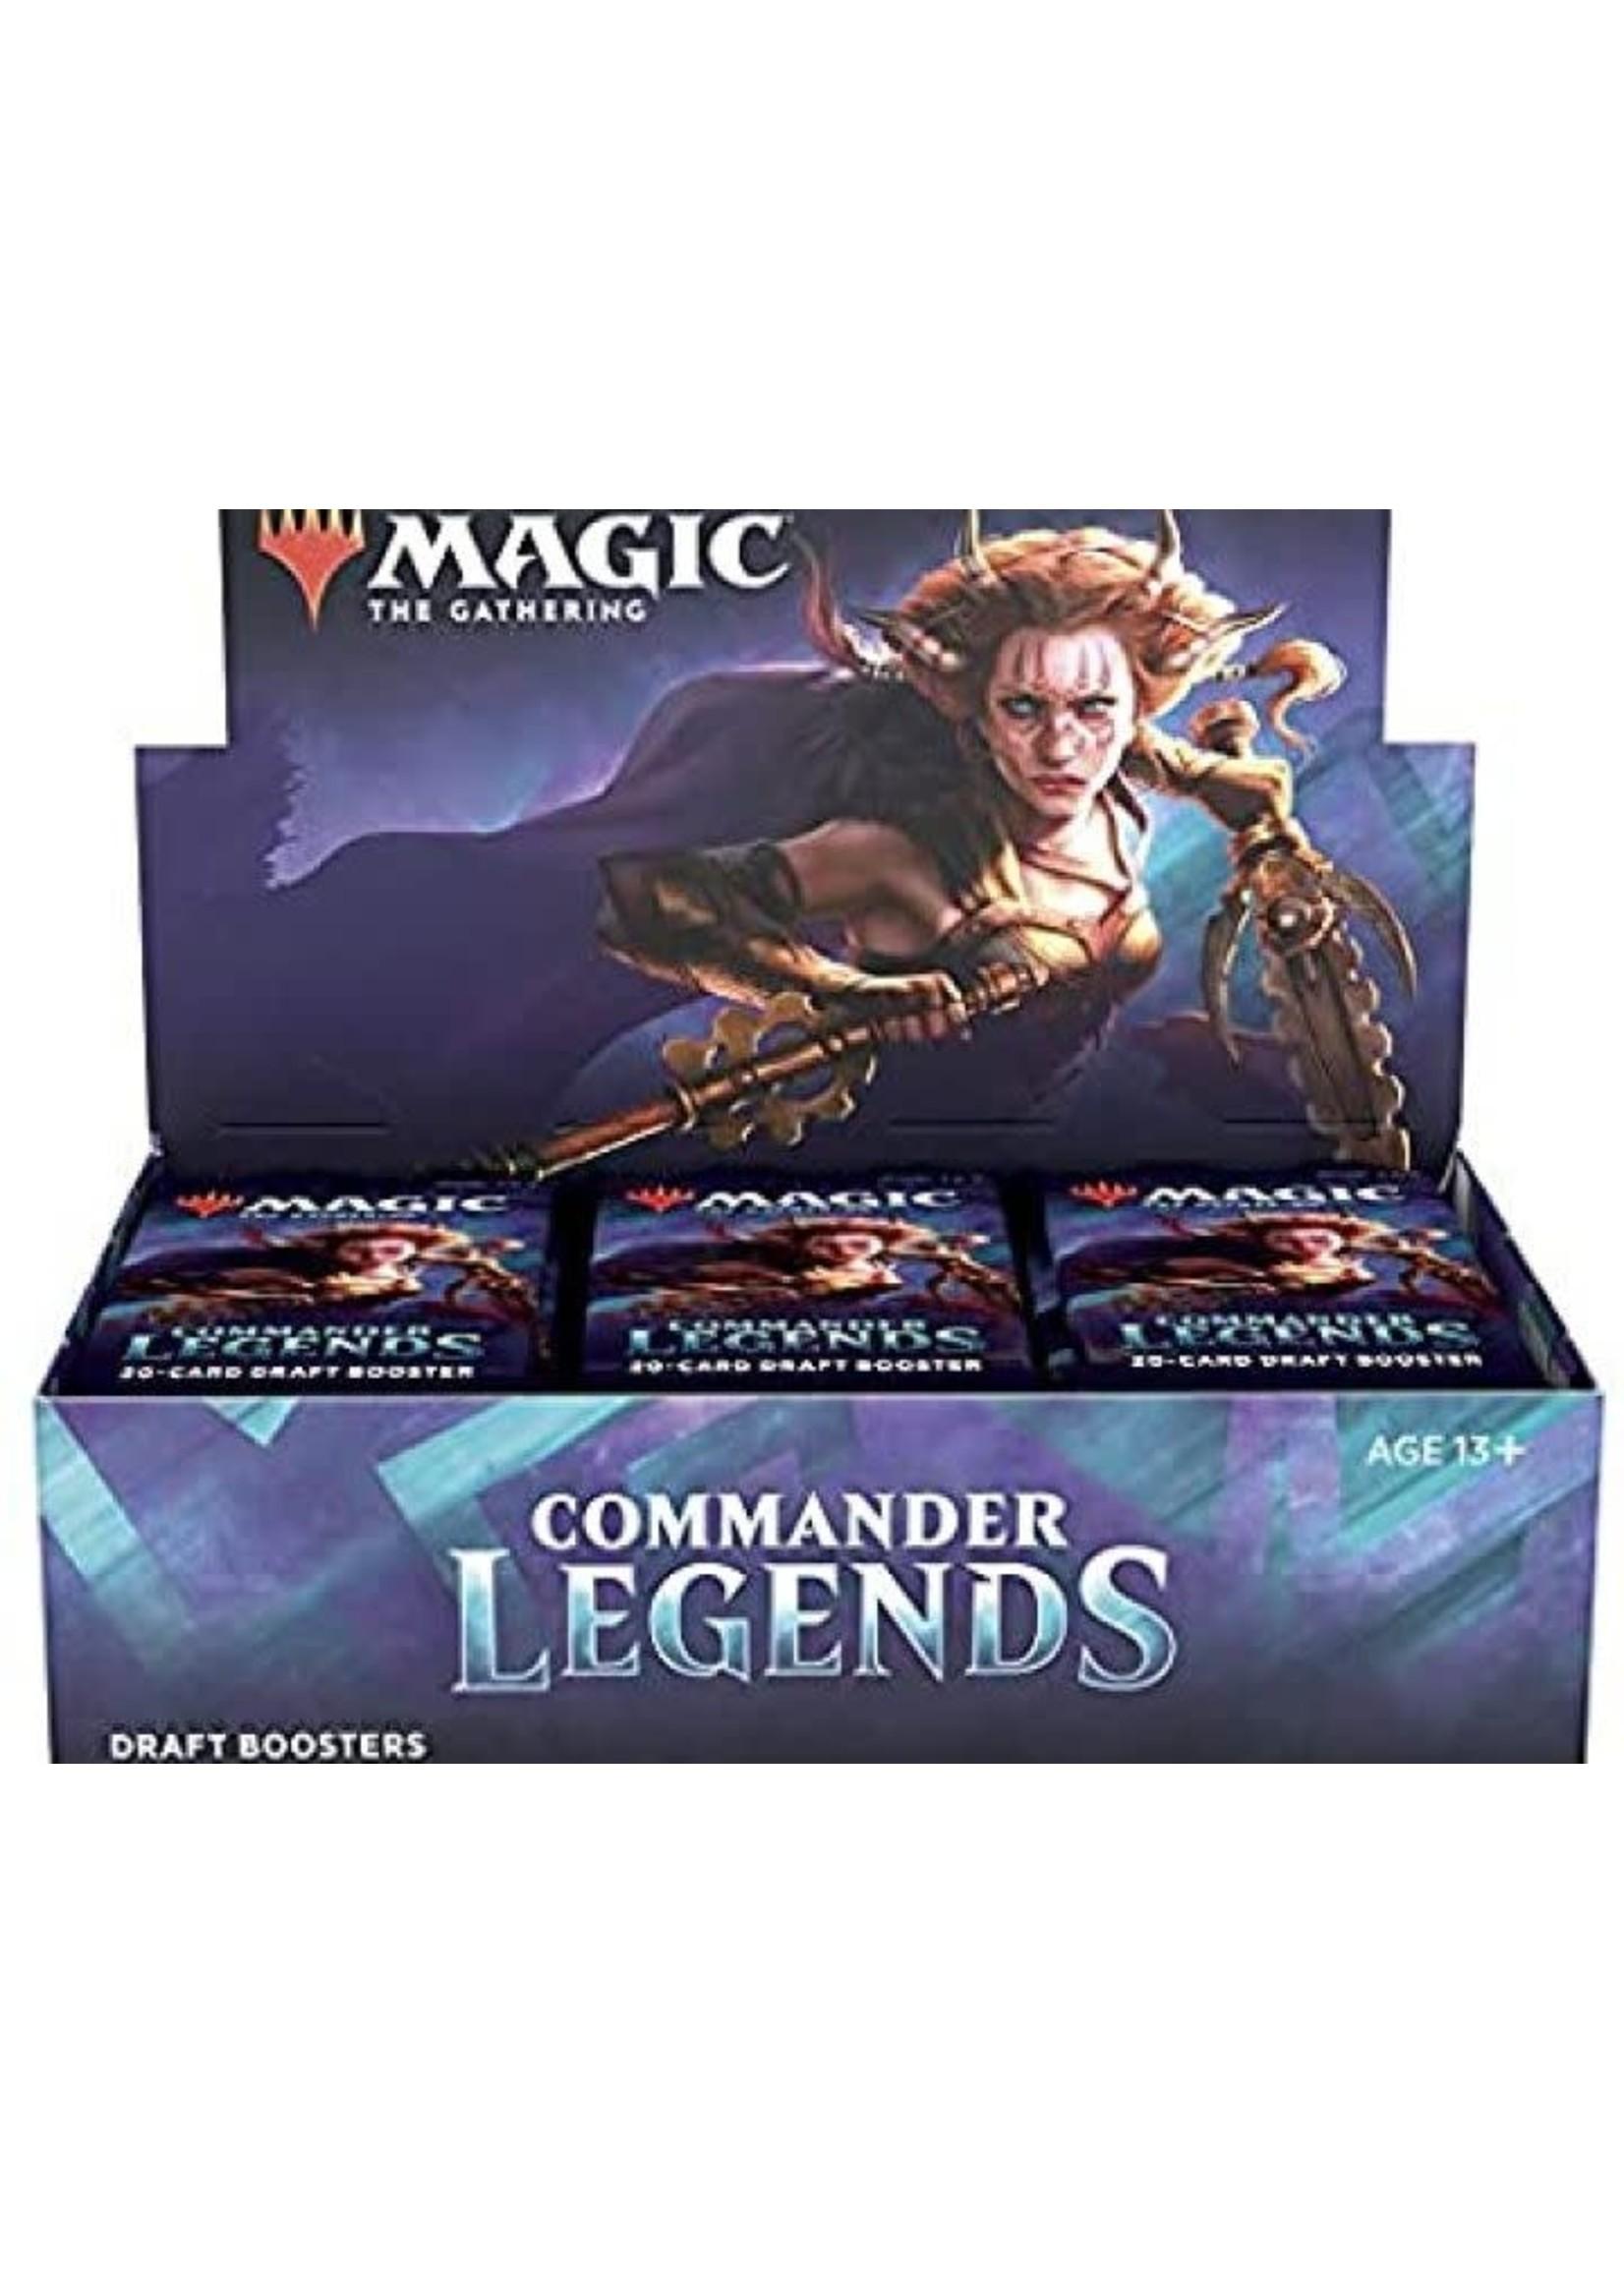 Mtg Commander Legends Draft Booster Display